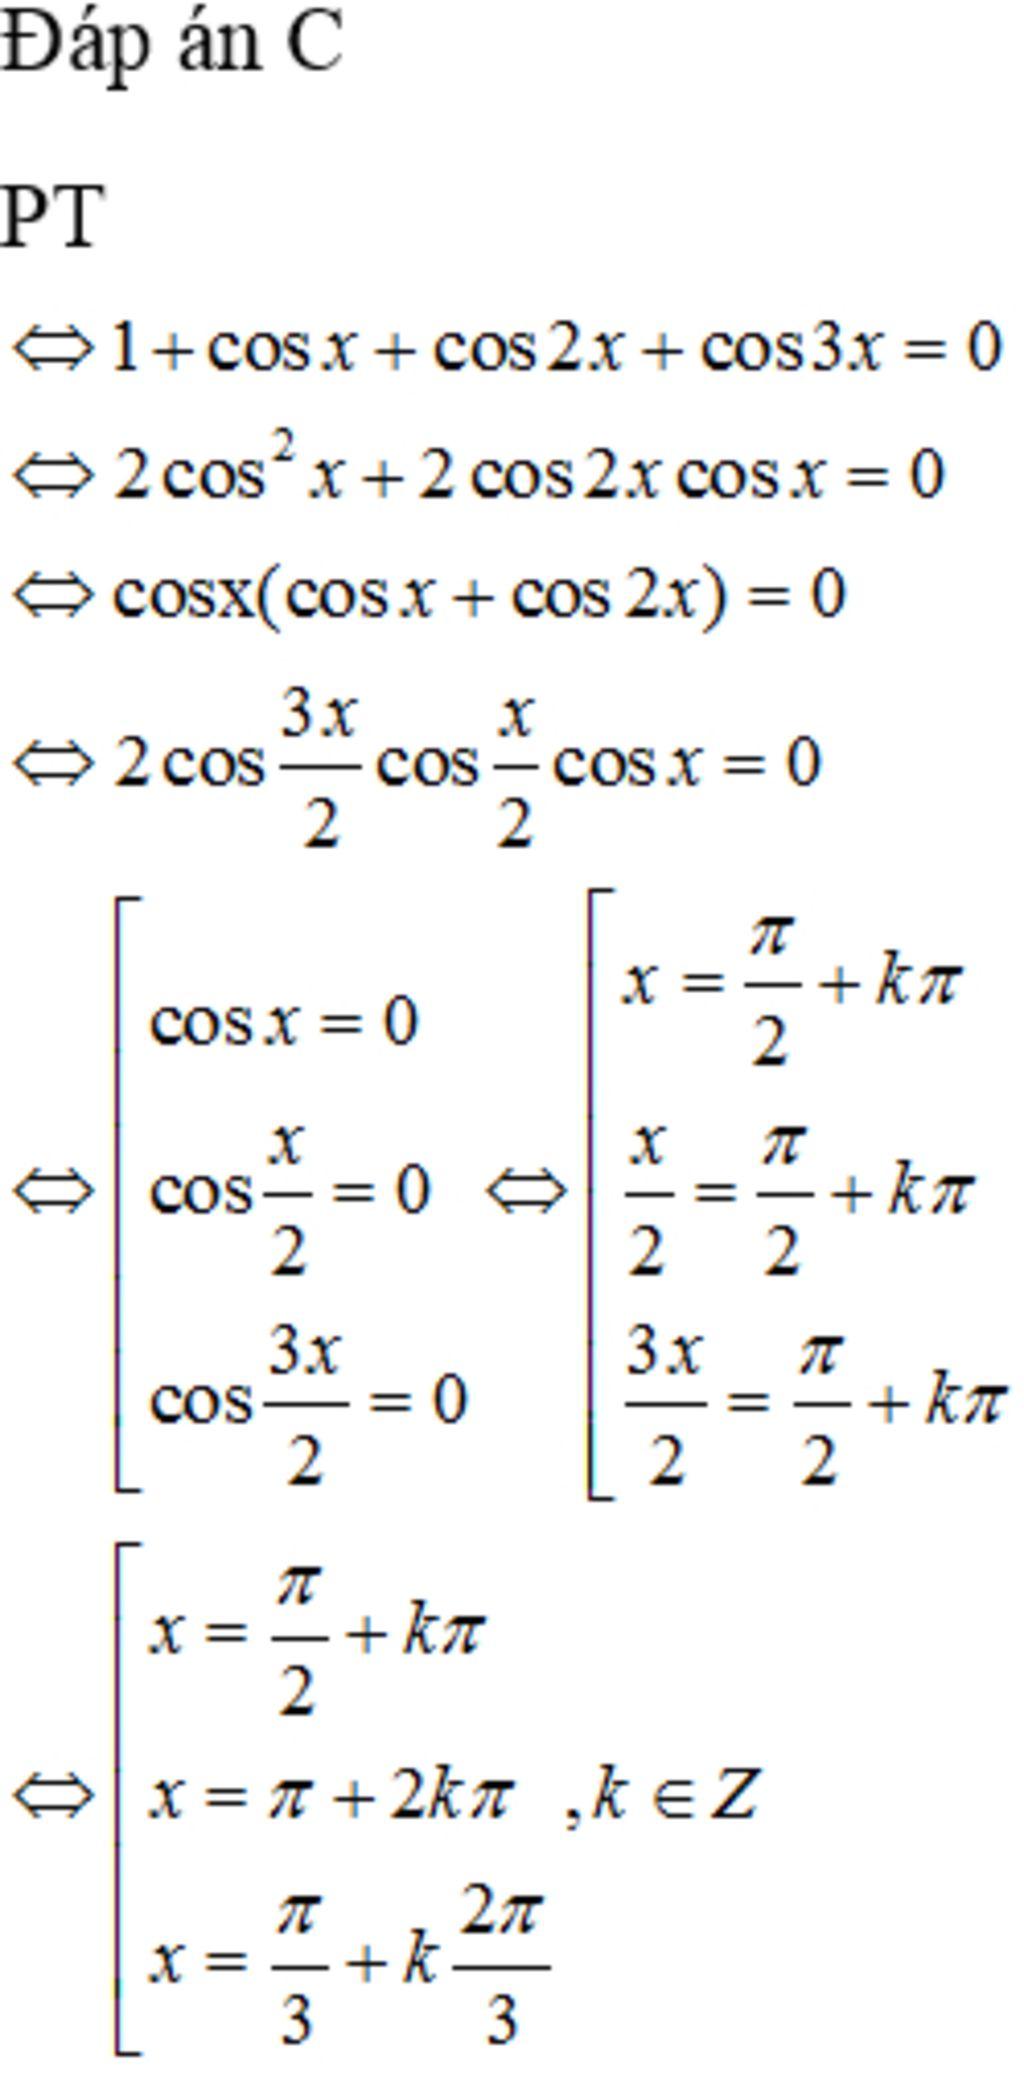 1-cos-cos2-cos3-0